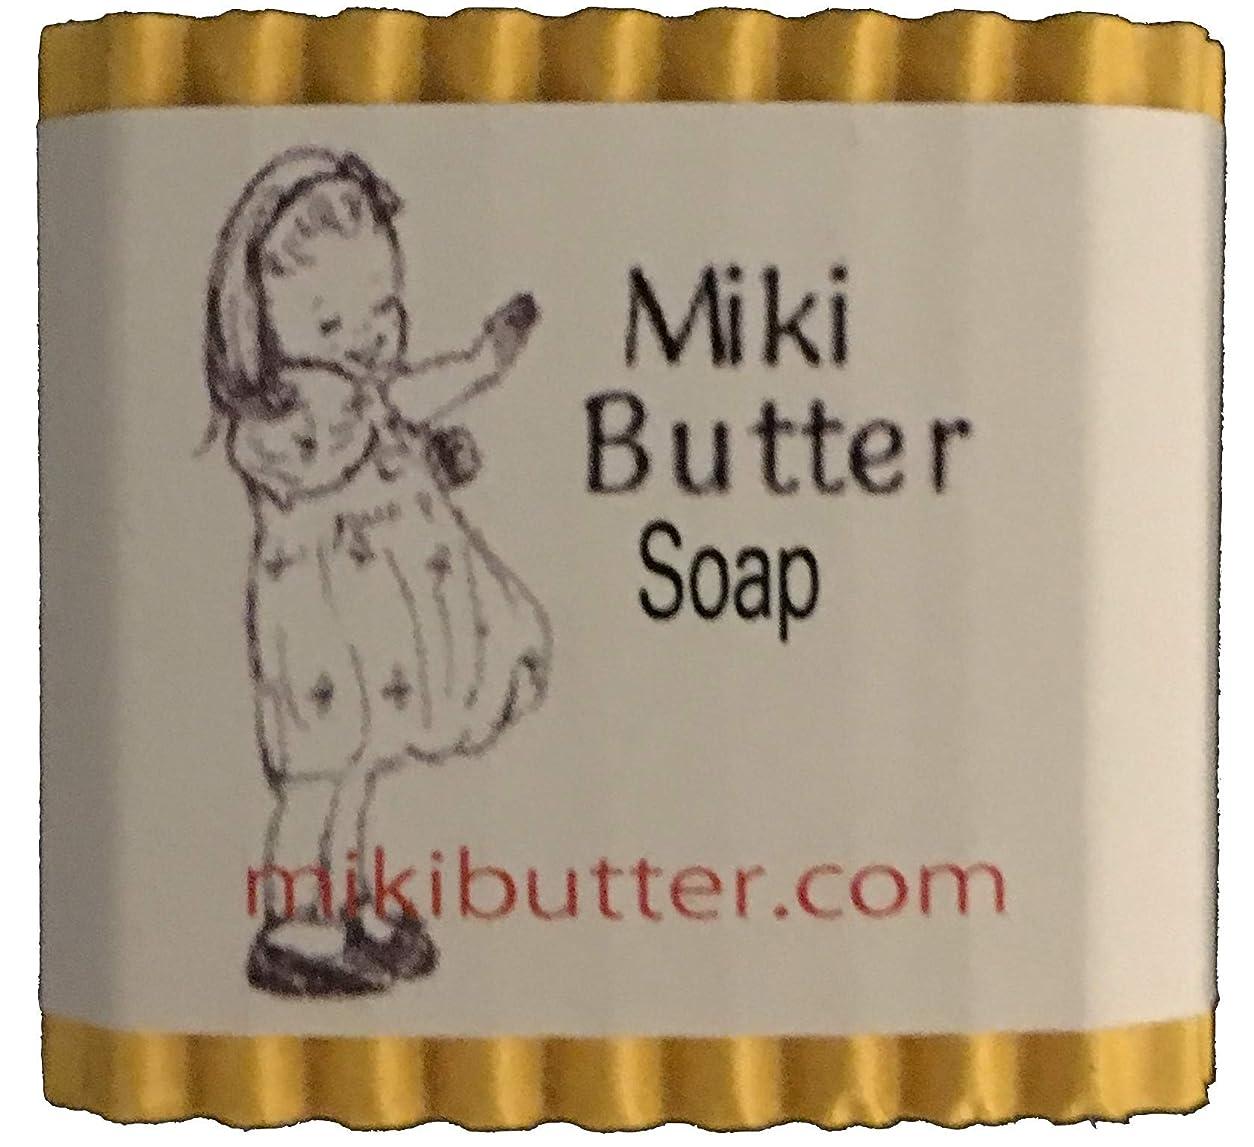 ヒロイック人ブラウン100%天然 ギニア産シアバター配合 ミキバターソープN (20g)